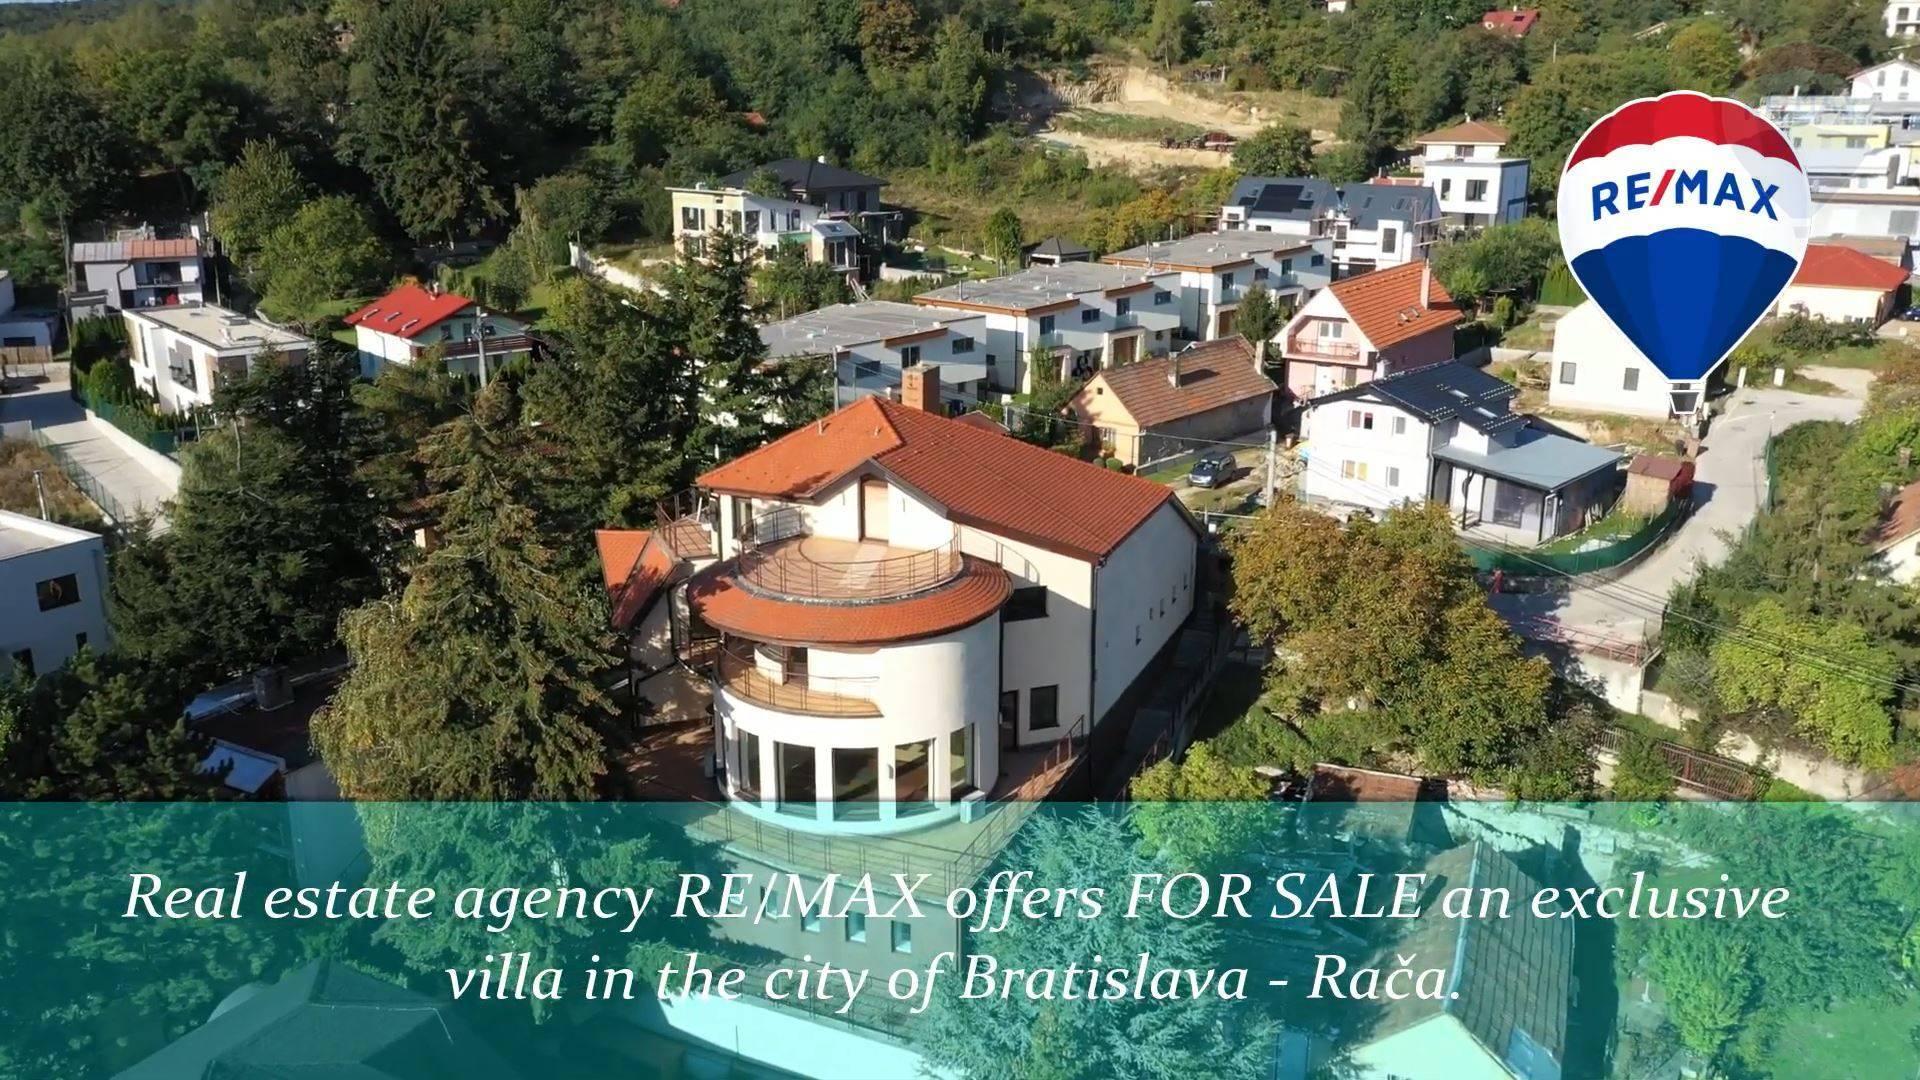 Predaj domu 840 m2, Bratislava - Rača